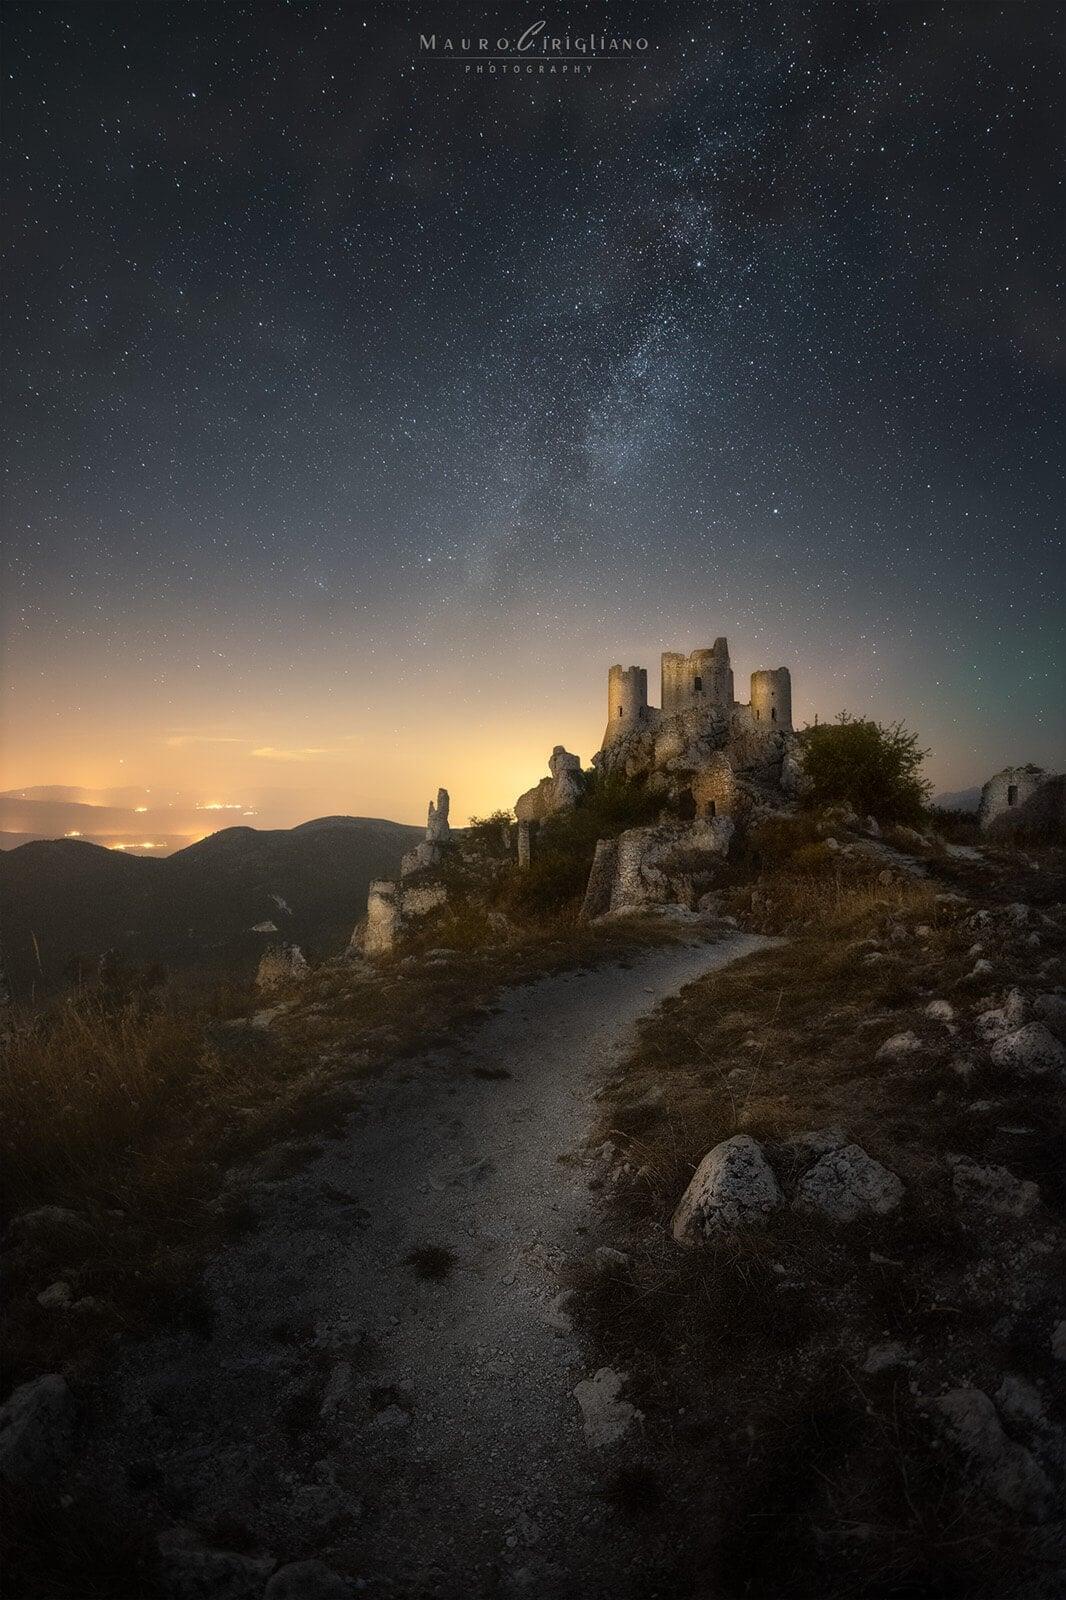 sentiero che porta al castello con via lattea su sfondo